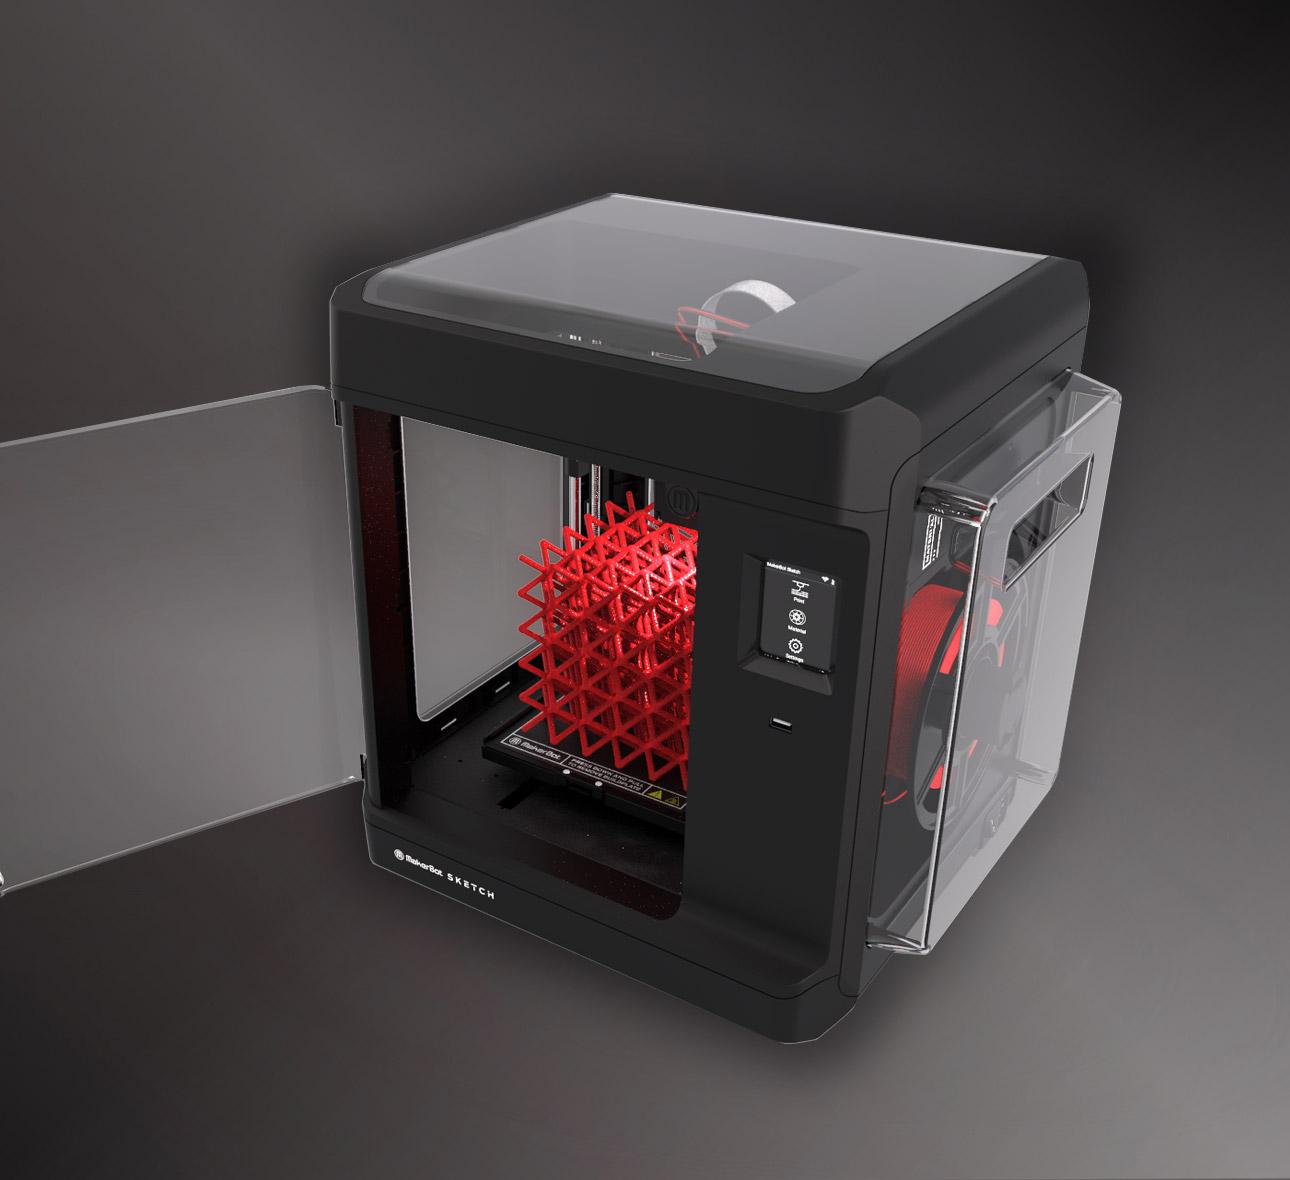 Impresora 3D Sketch para educación